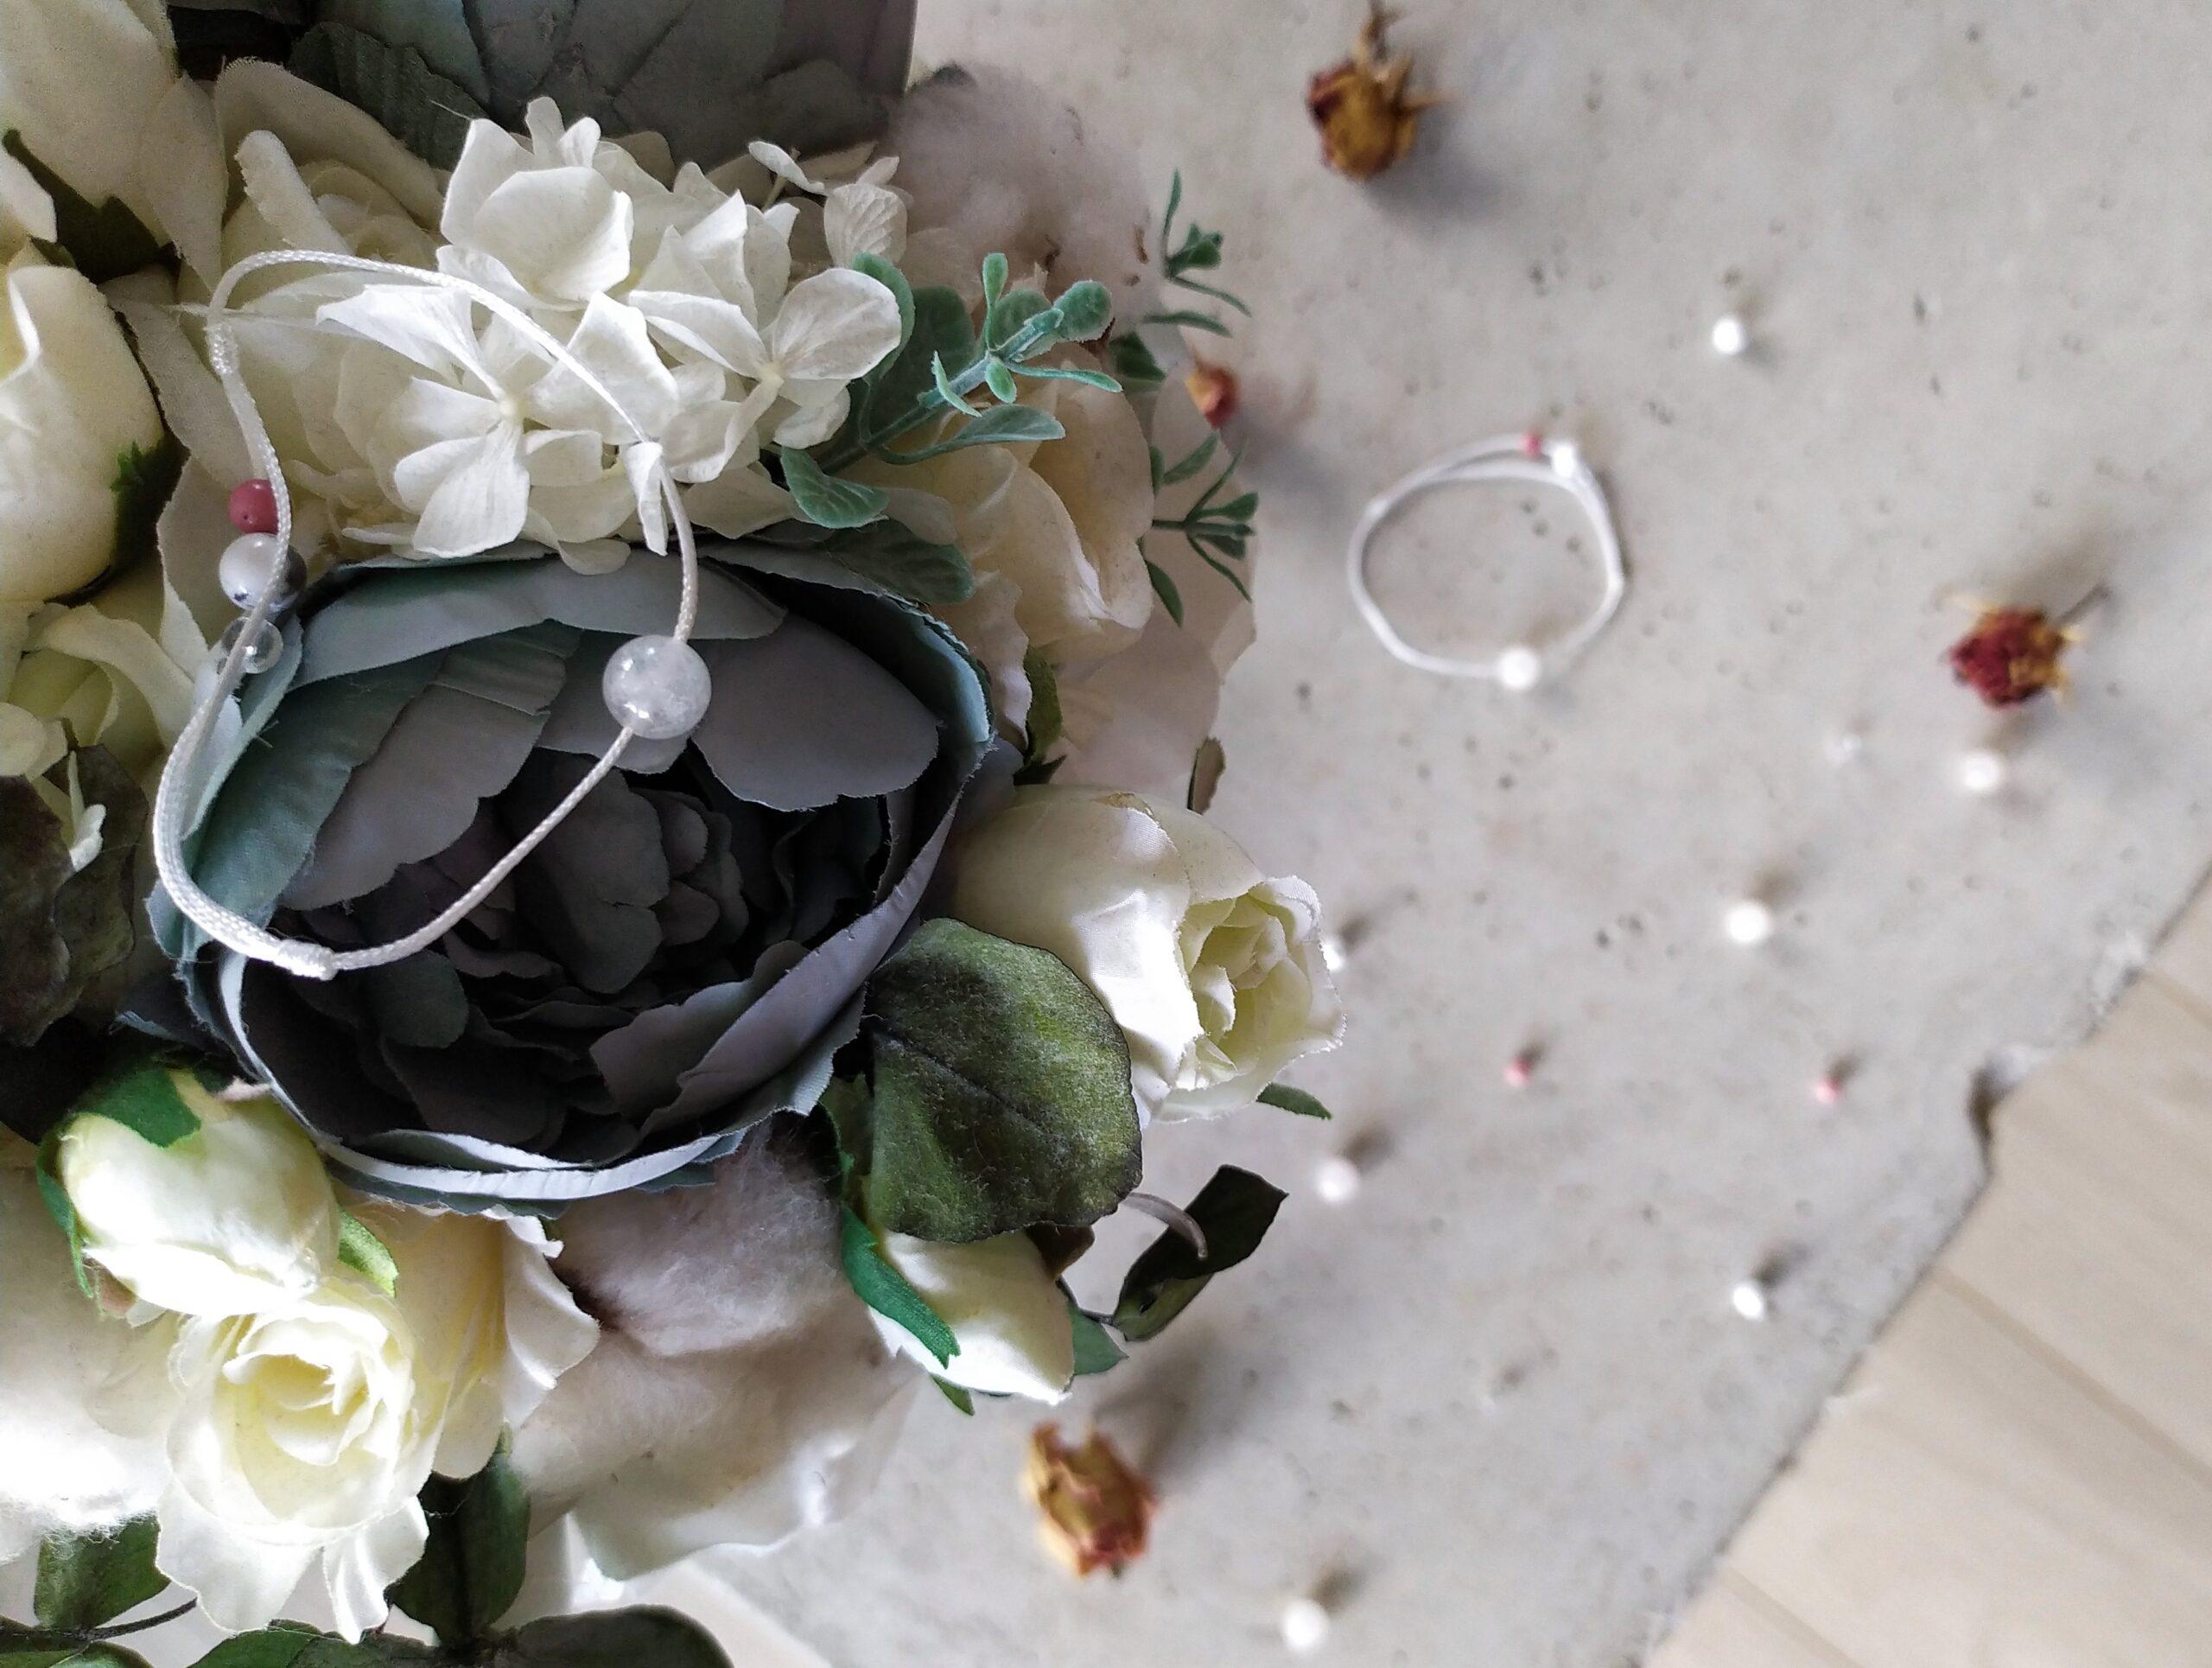 Náramek #ZENYSPOLU vytvořený ve spolupráci s Uniki vyfocený na betonovém podkladu s růžemi